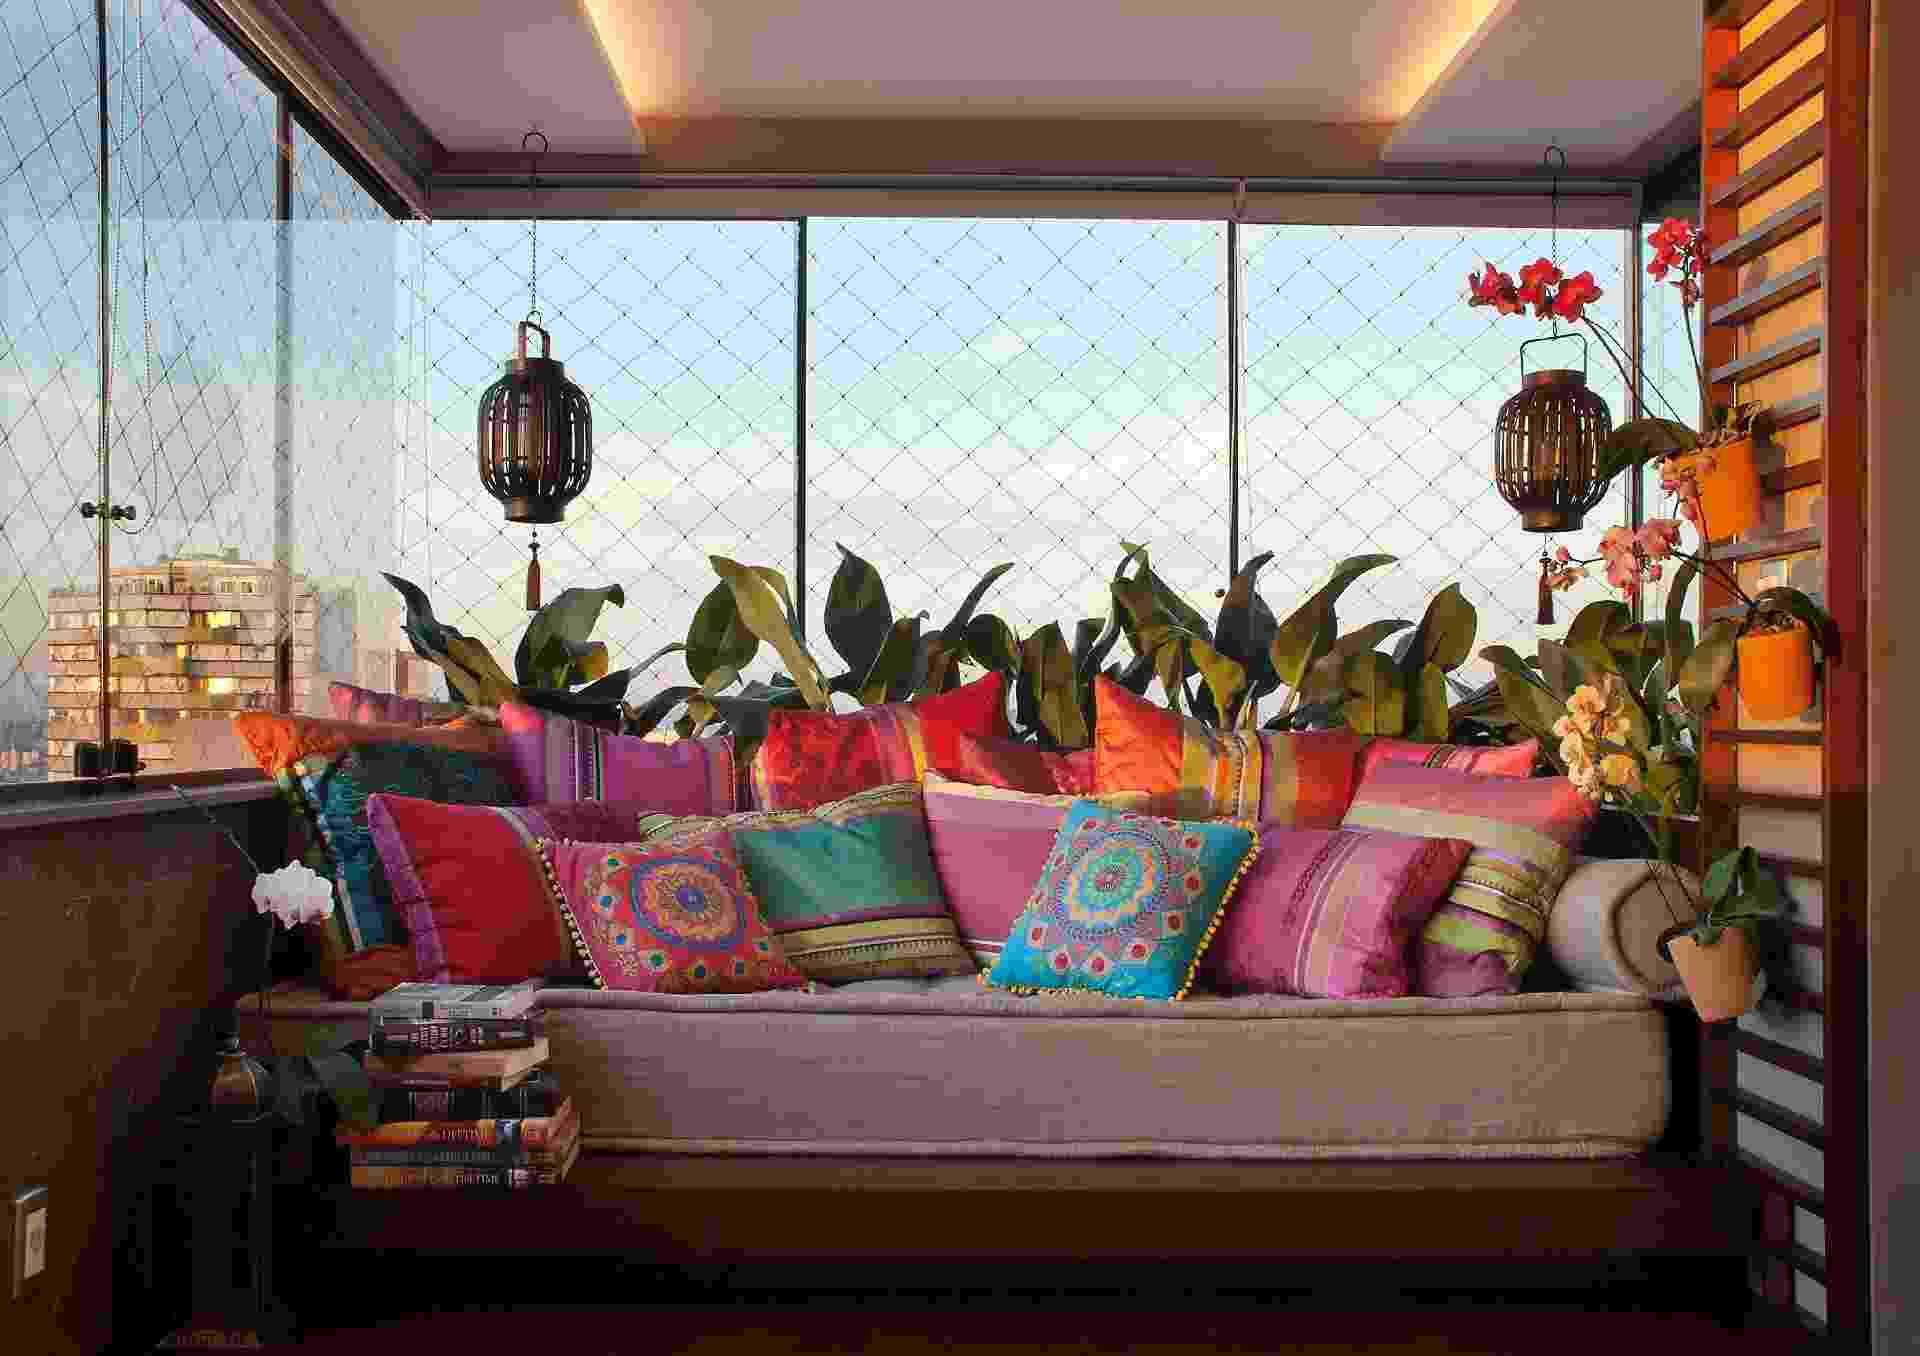 Este canto de uma sacada de 12 m2 foi idealizado pelo arquiteto Luciano Teston para a pratica de ioga, leitura ou momentos de intimidade. O tablado de imbuia que é acessado por degraus acomoda um futton de linho recoberto de almofadas ultracoloridas. O painel ripado com vasos com orquídeas funcionam como um mini jardim - Sérgio Vergara/Divulgação